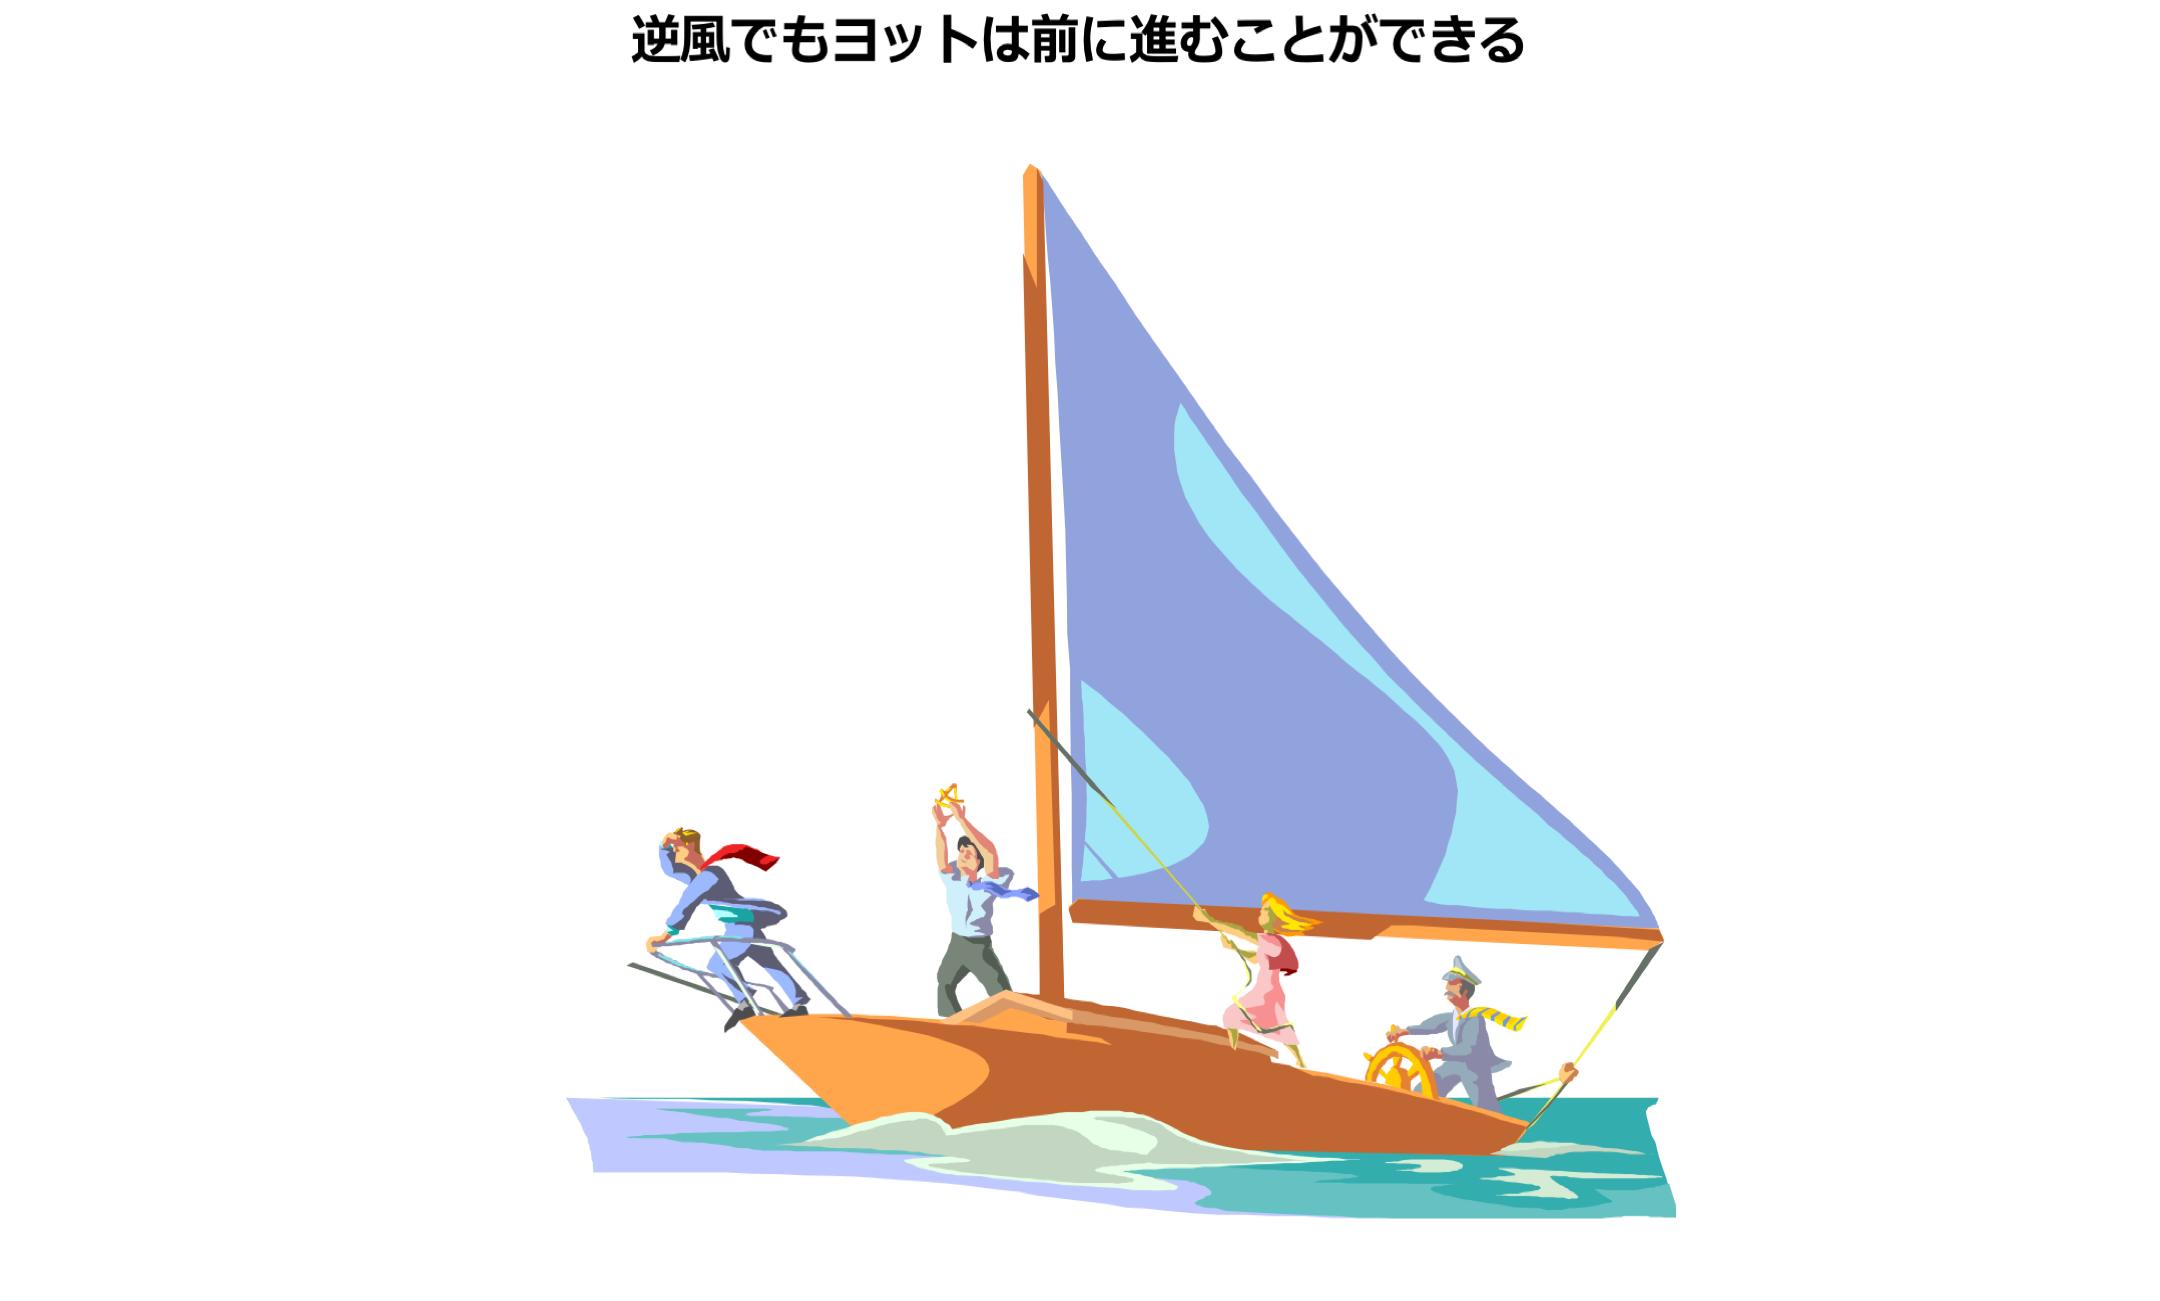 col_tsukamatsu_020_01.png